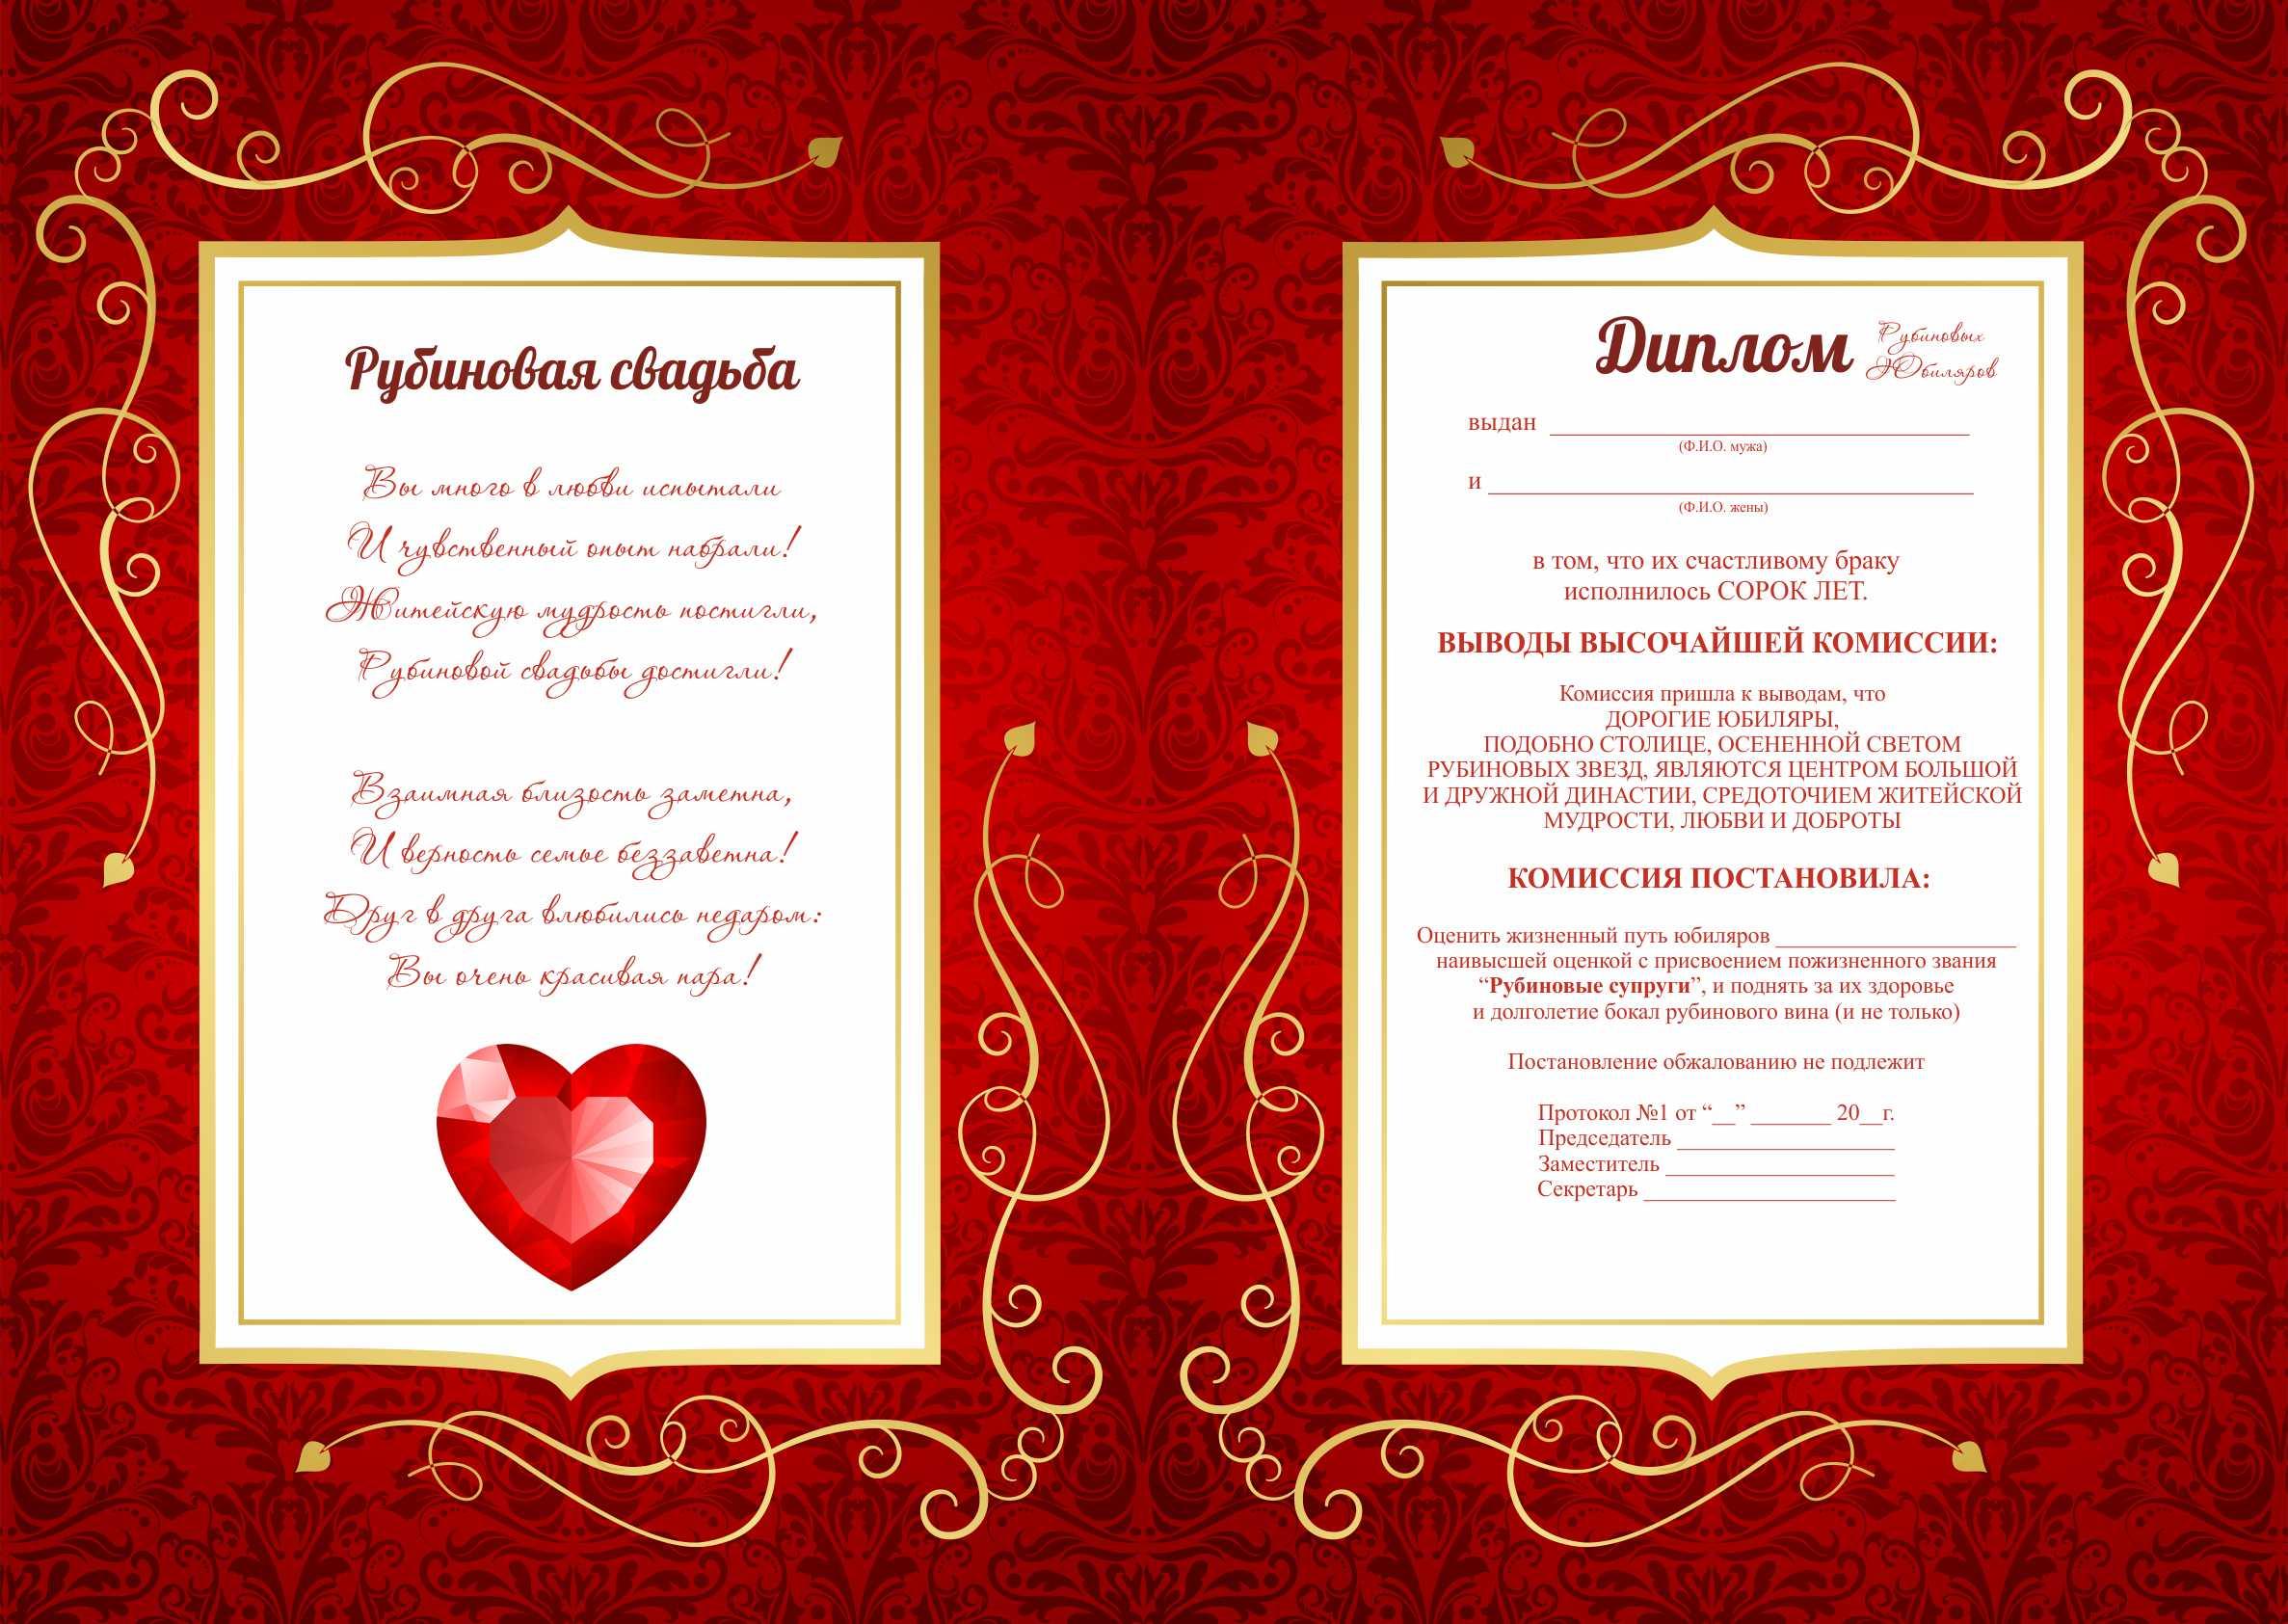 Печать грамот и дипломов для рубиновой свадьбы в Москве   фото 3